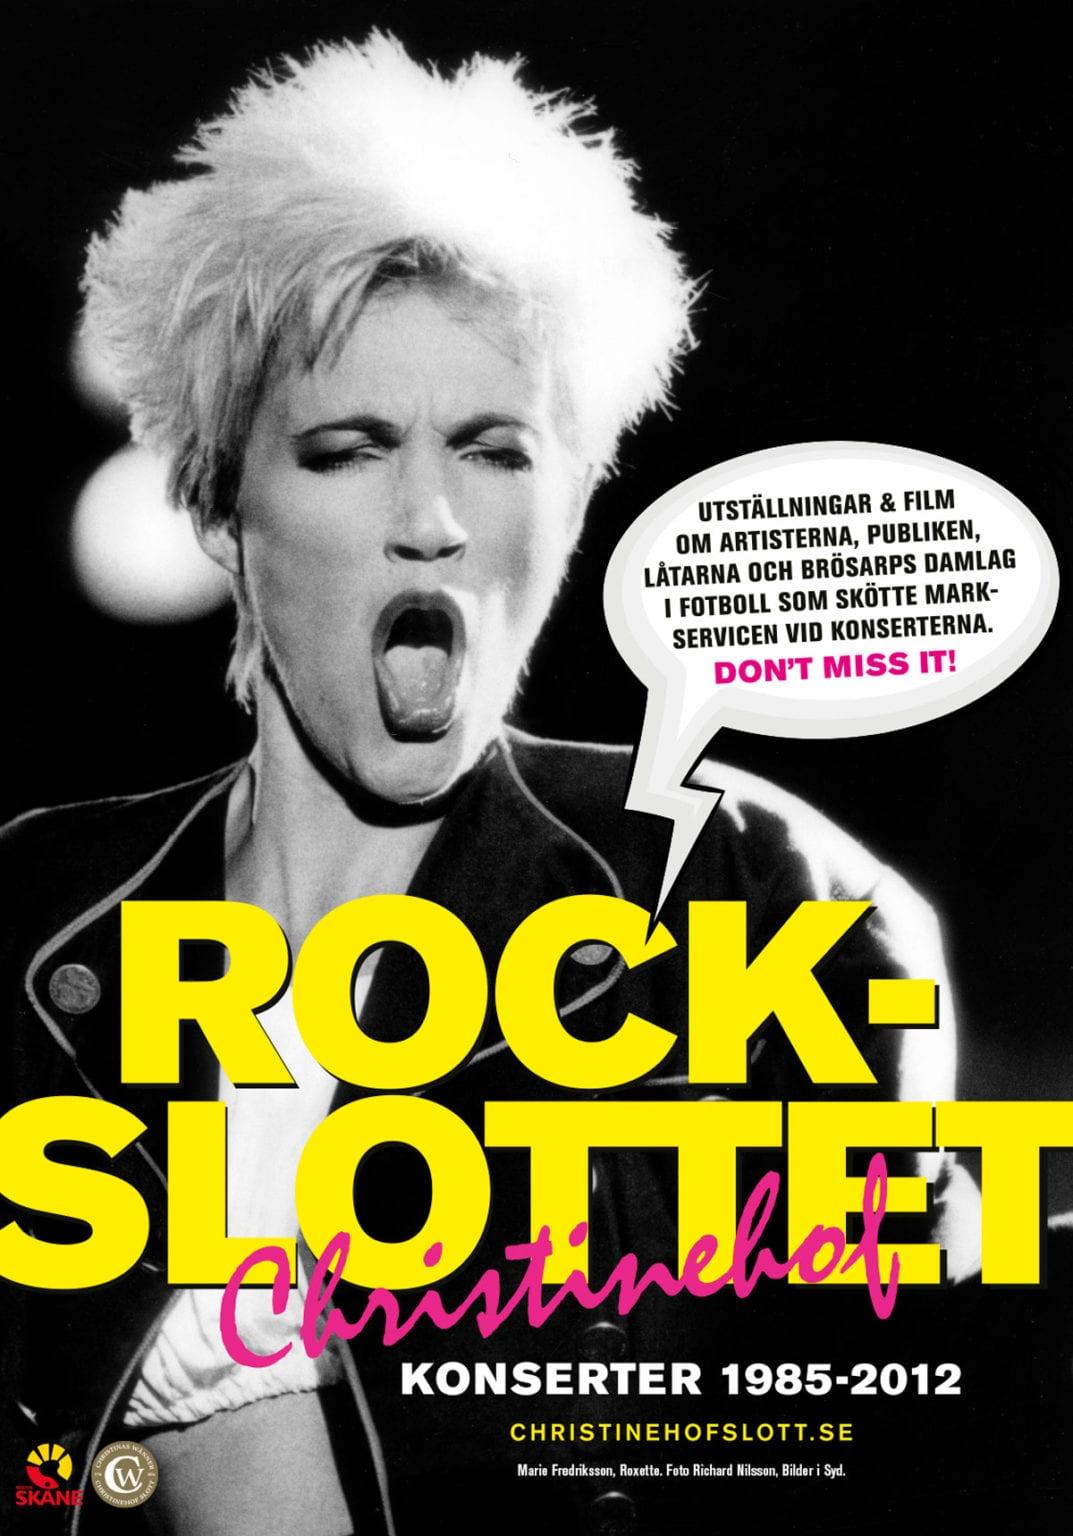 A3-Affisch-Rockslottet-Marie-Fredriksson